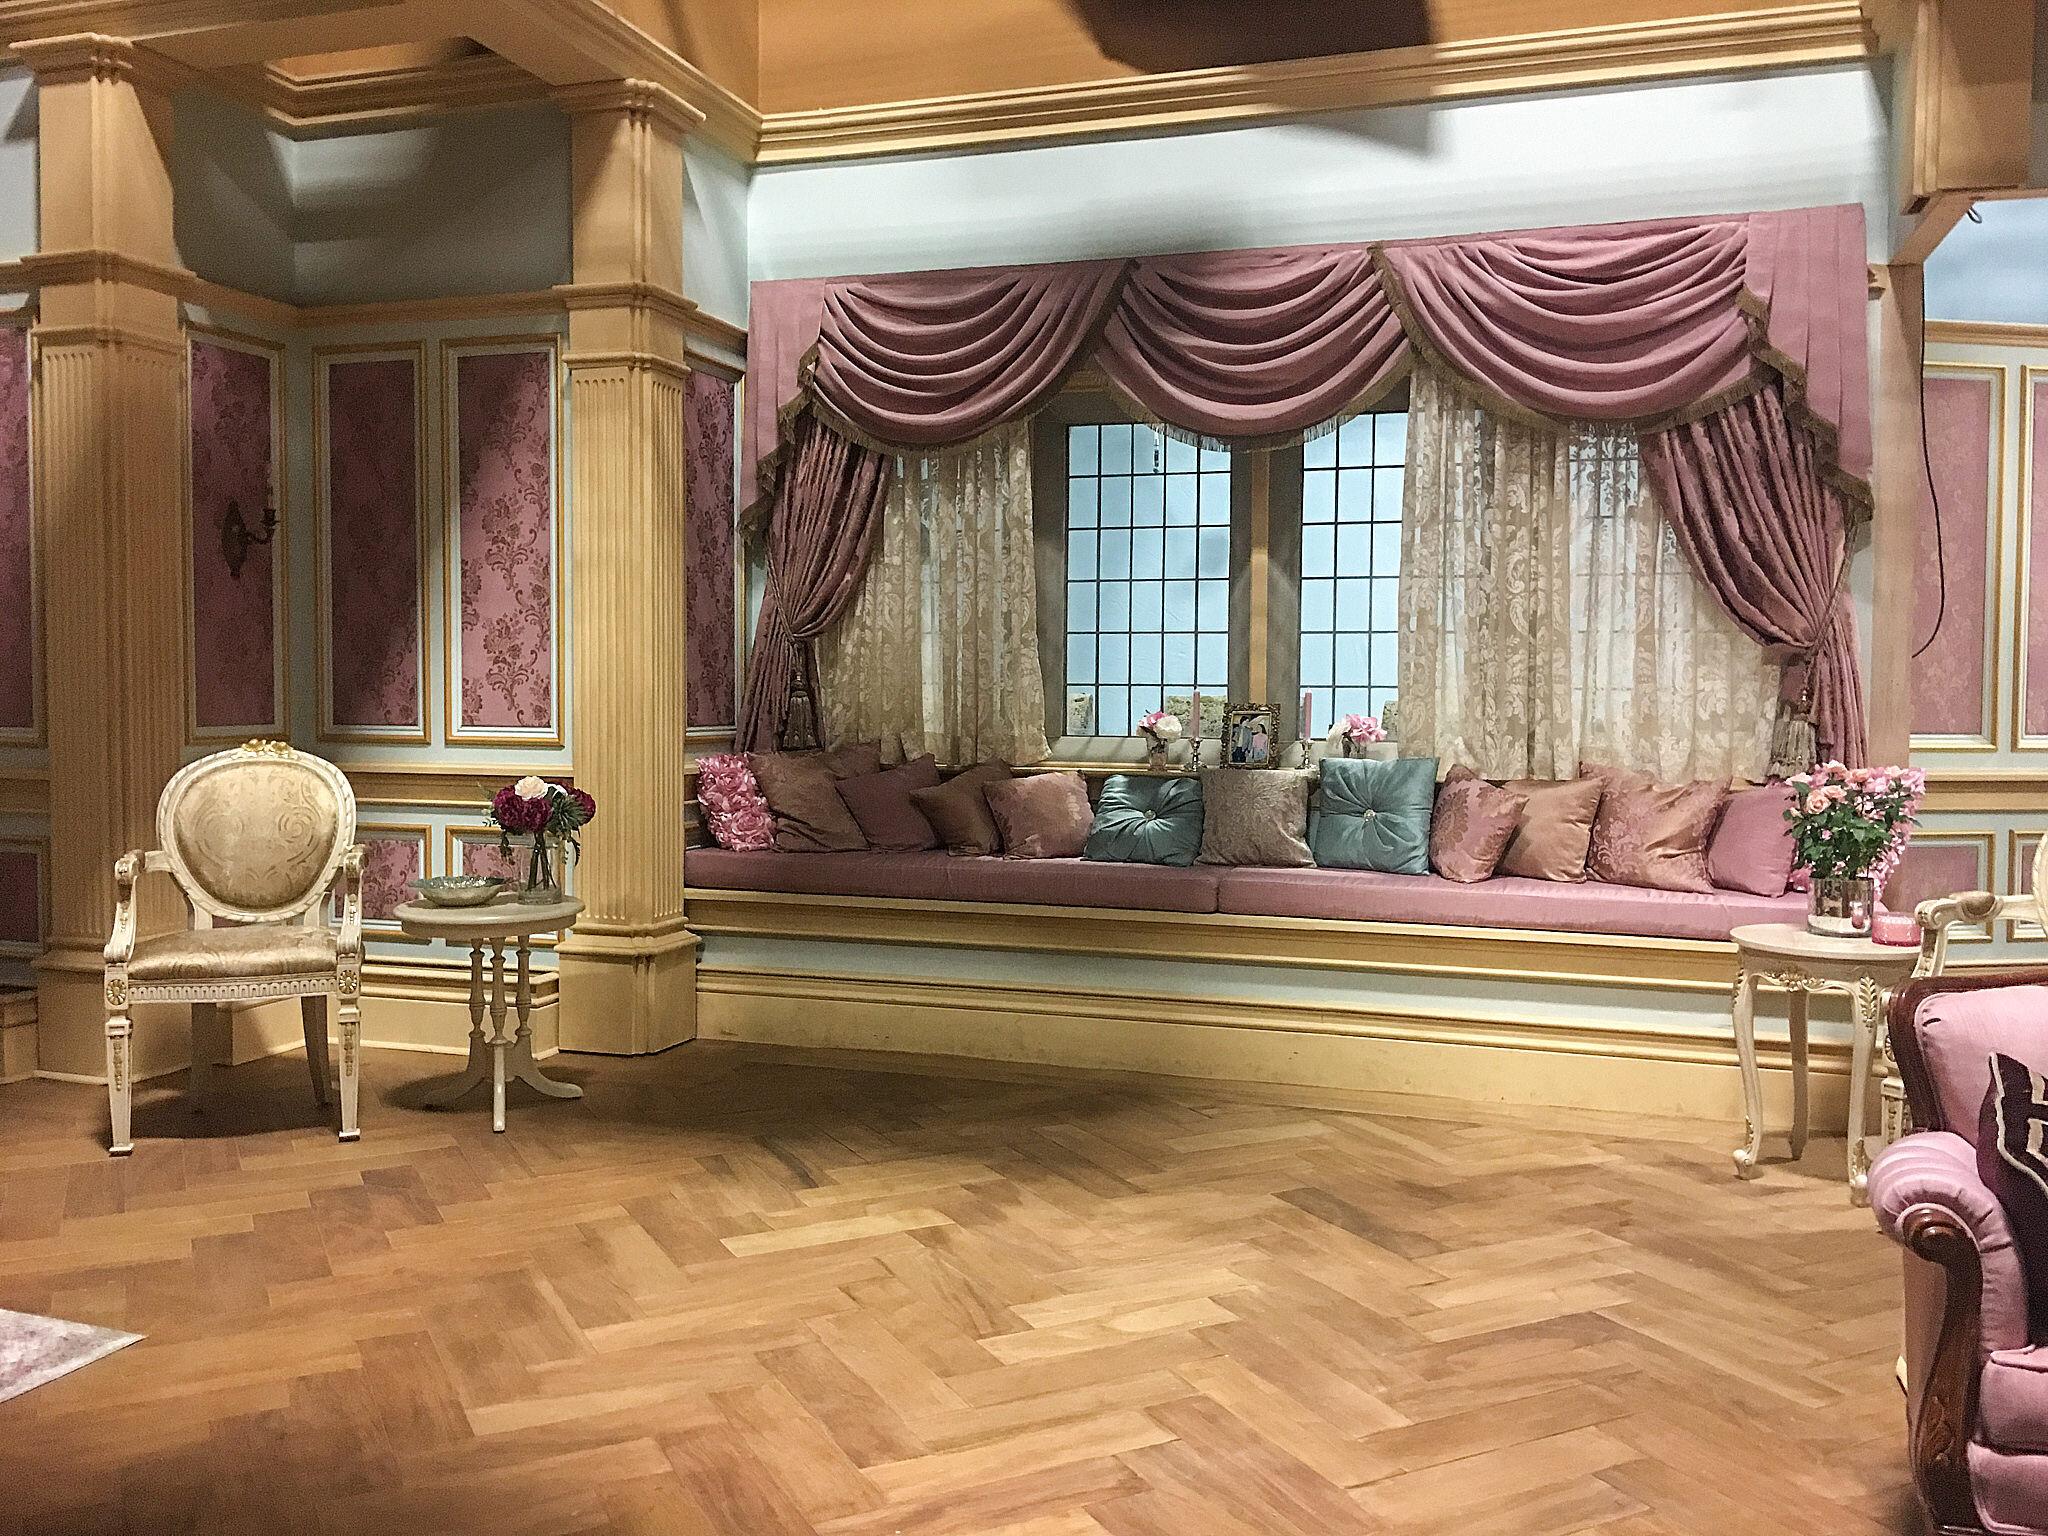 The window seat in Audrey's bedroom set.